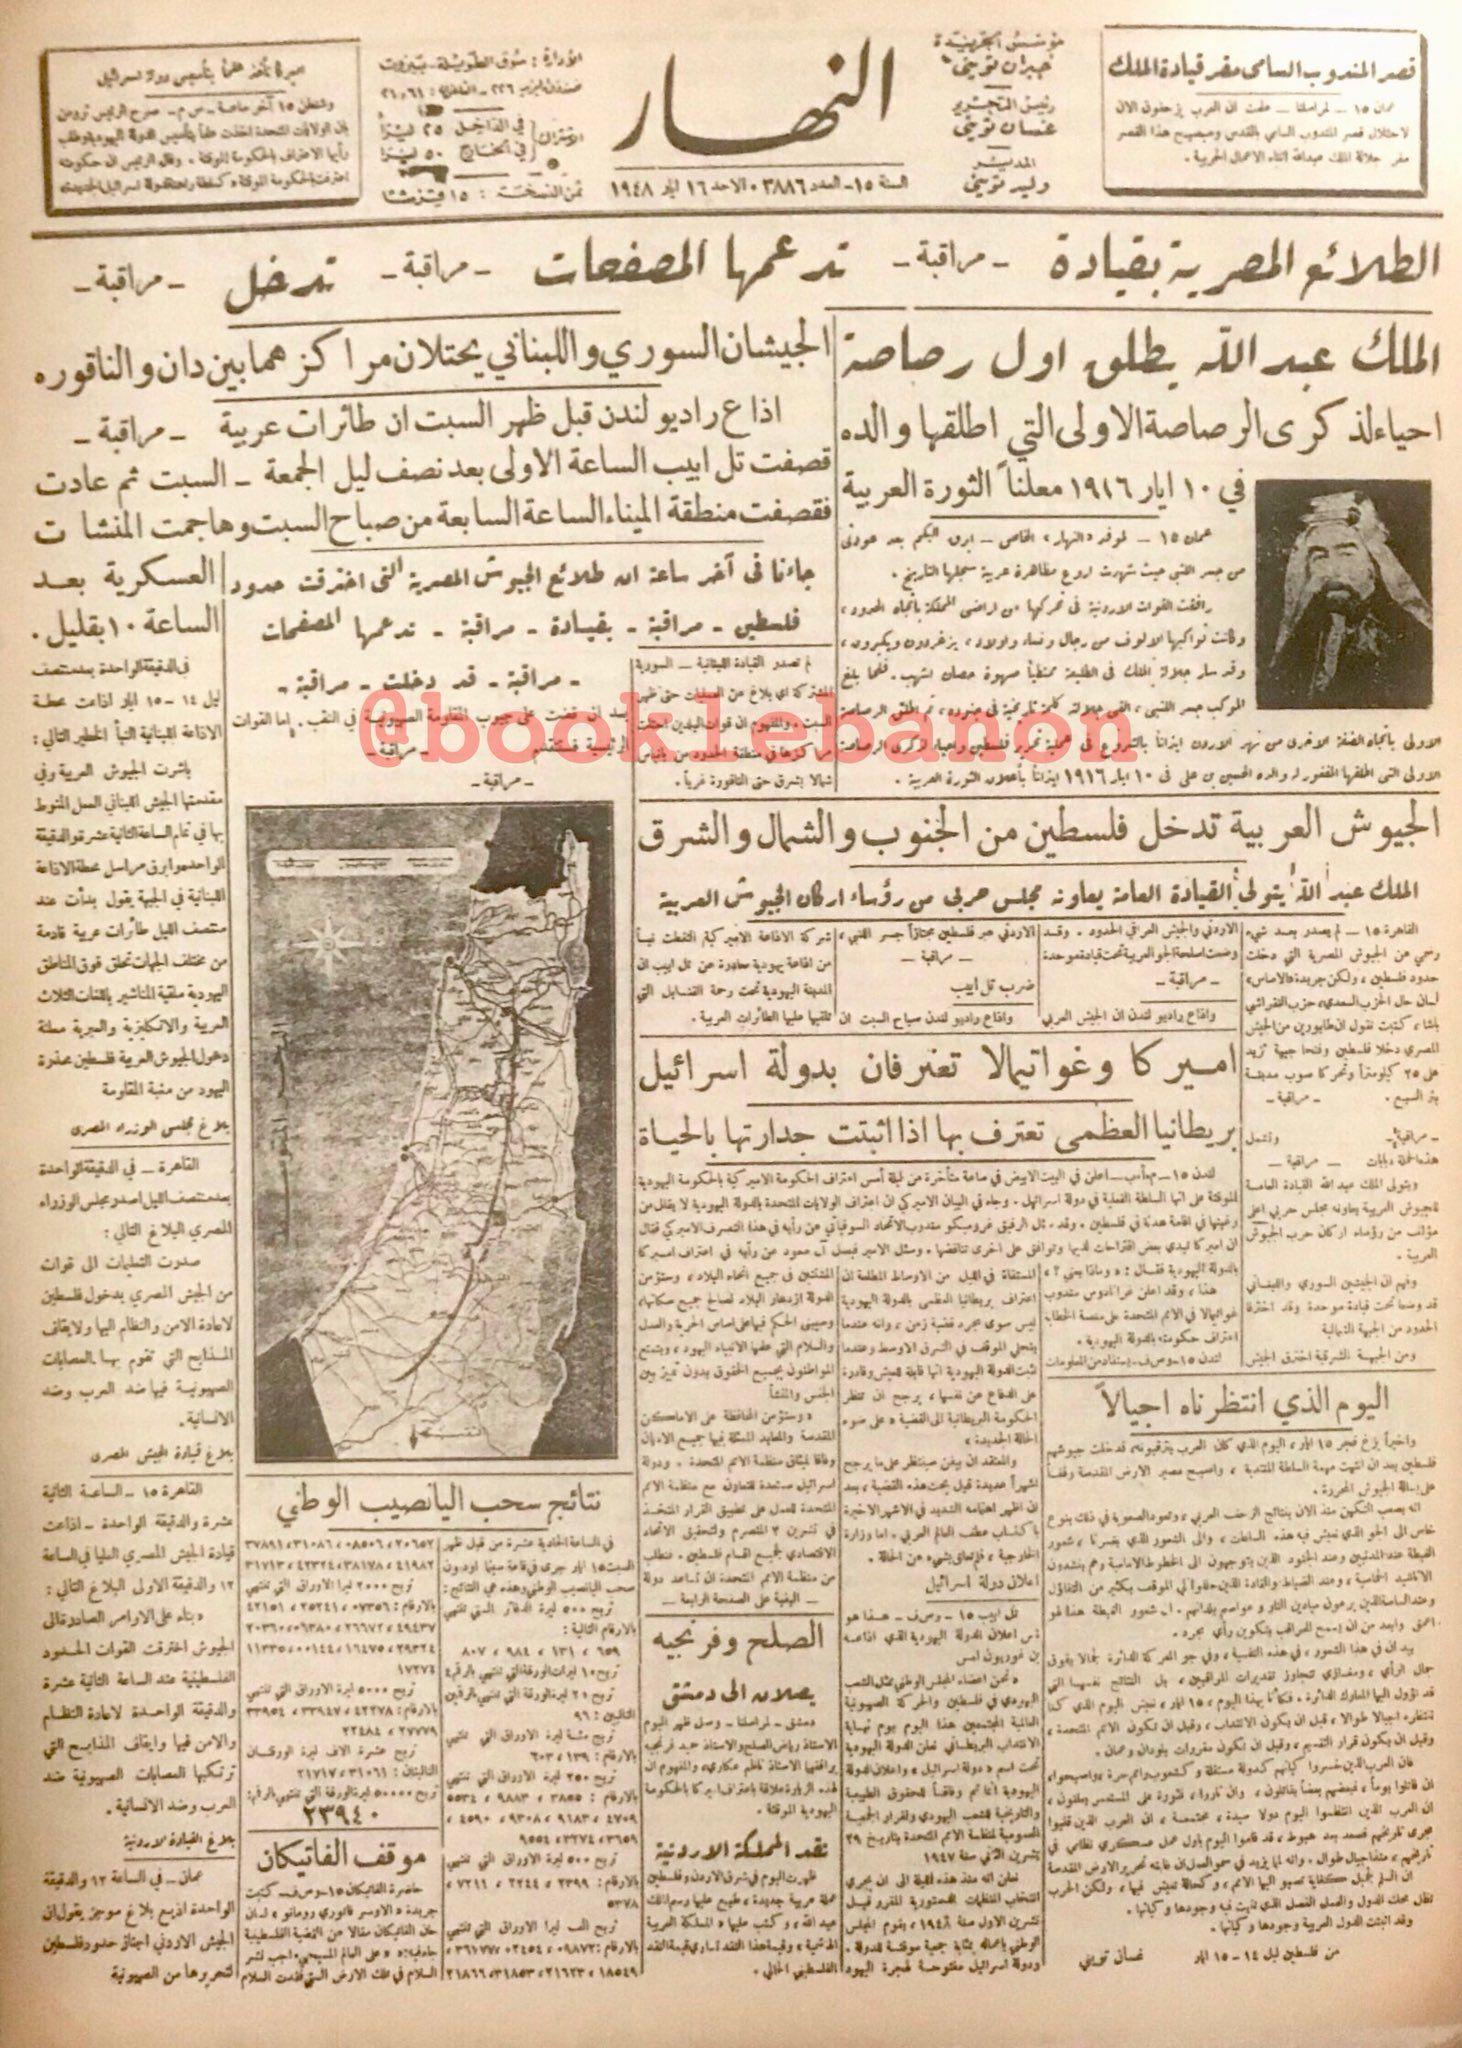 أرشيف لبنان Lebanon Archives On Twitter Egypt History Historical News Lebanon